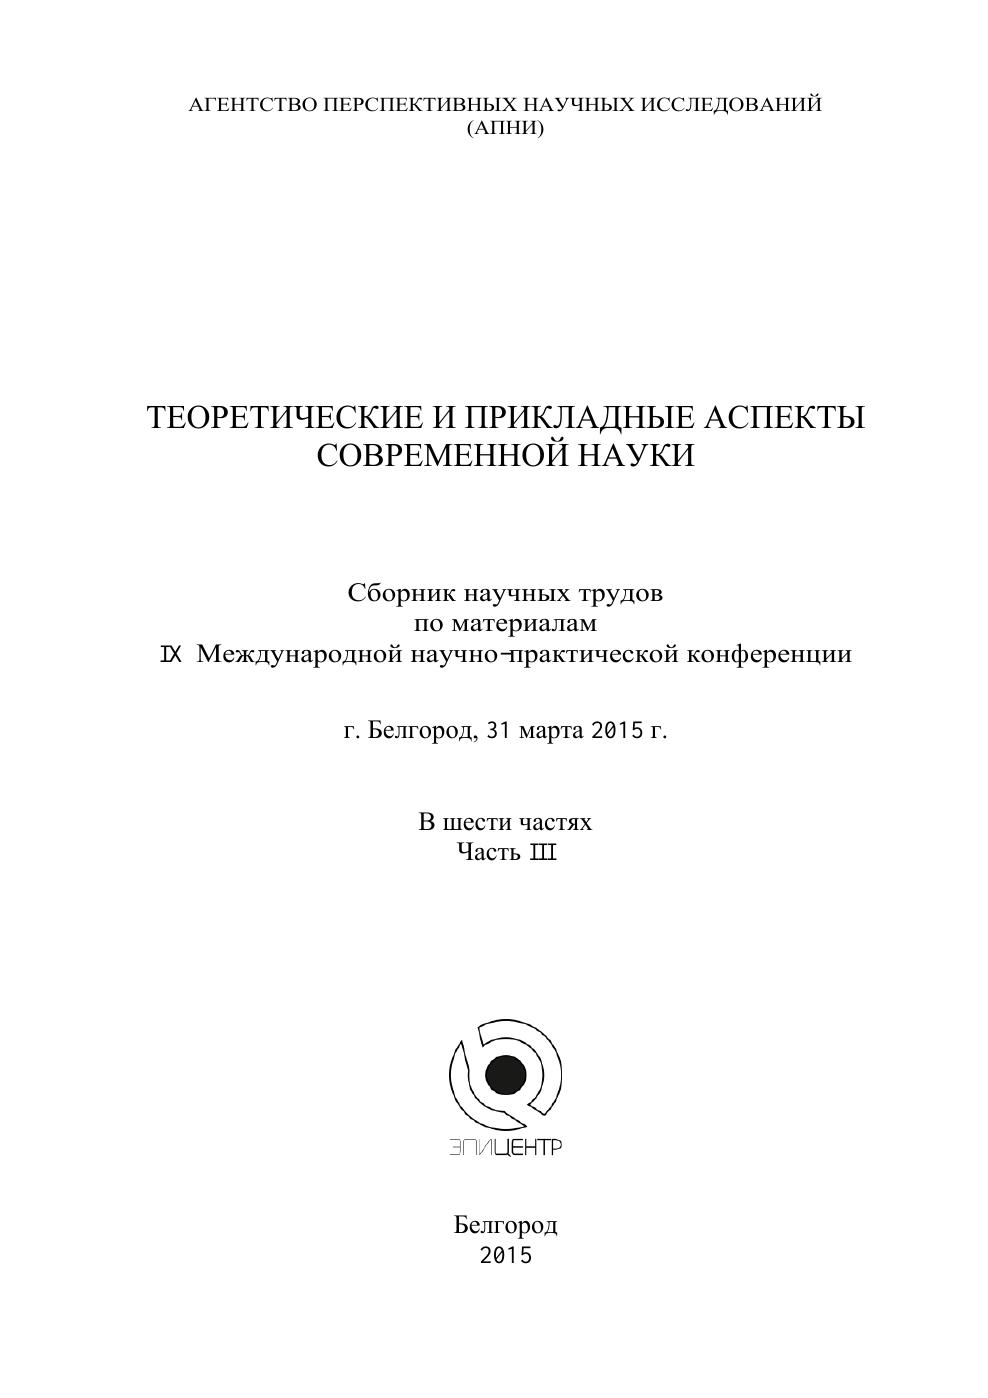 Документы для регистрации права собственности квартиры по договору долевого строительства